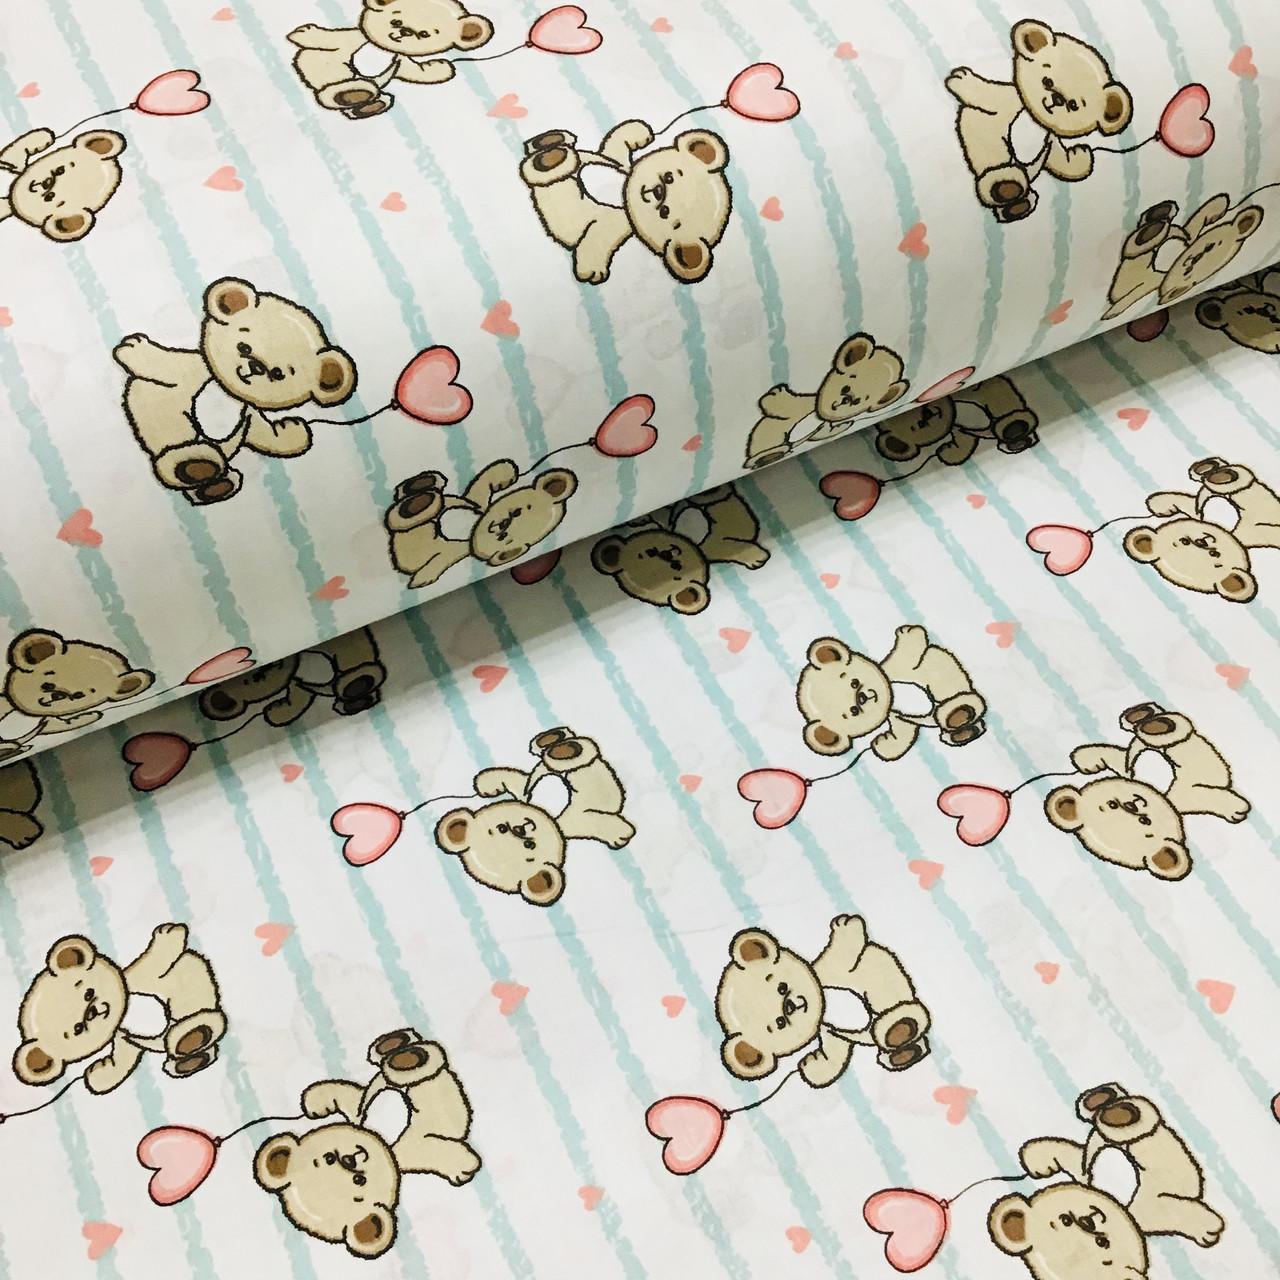 Ткань поплин мишки с розовыми воздушными шариками на мятной полоске на белом (ТУРЦИЯ шир. 2,4 м) №32-115